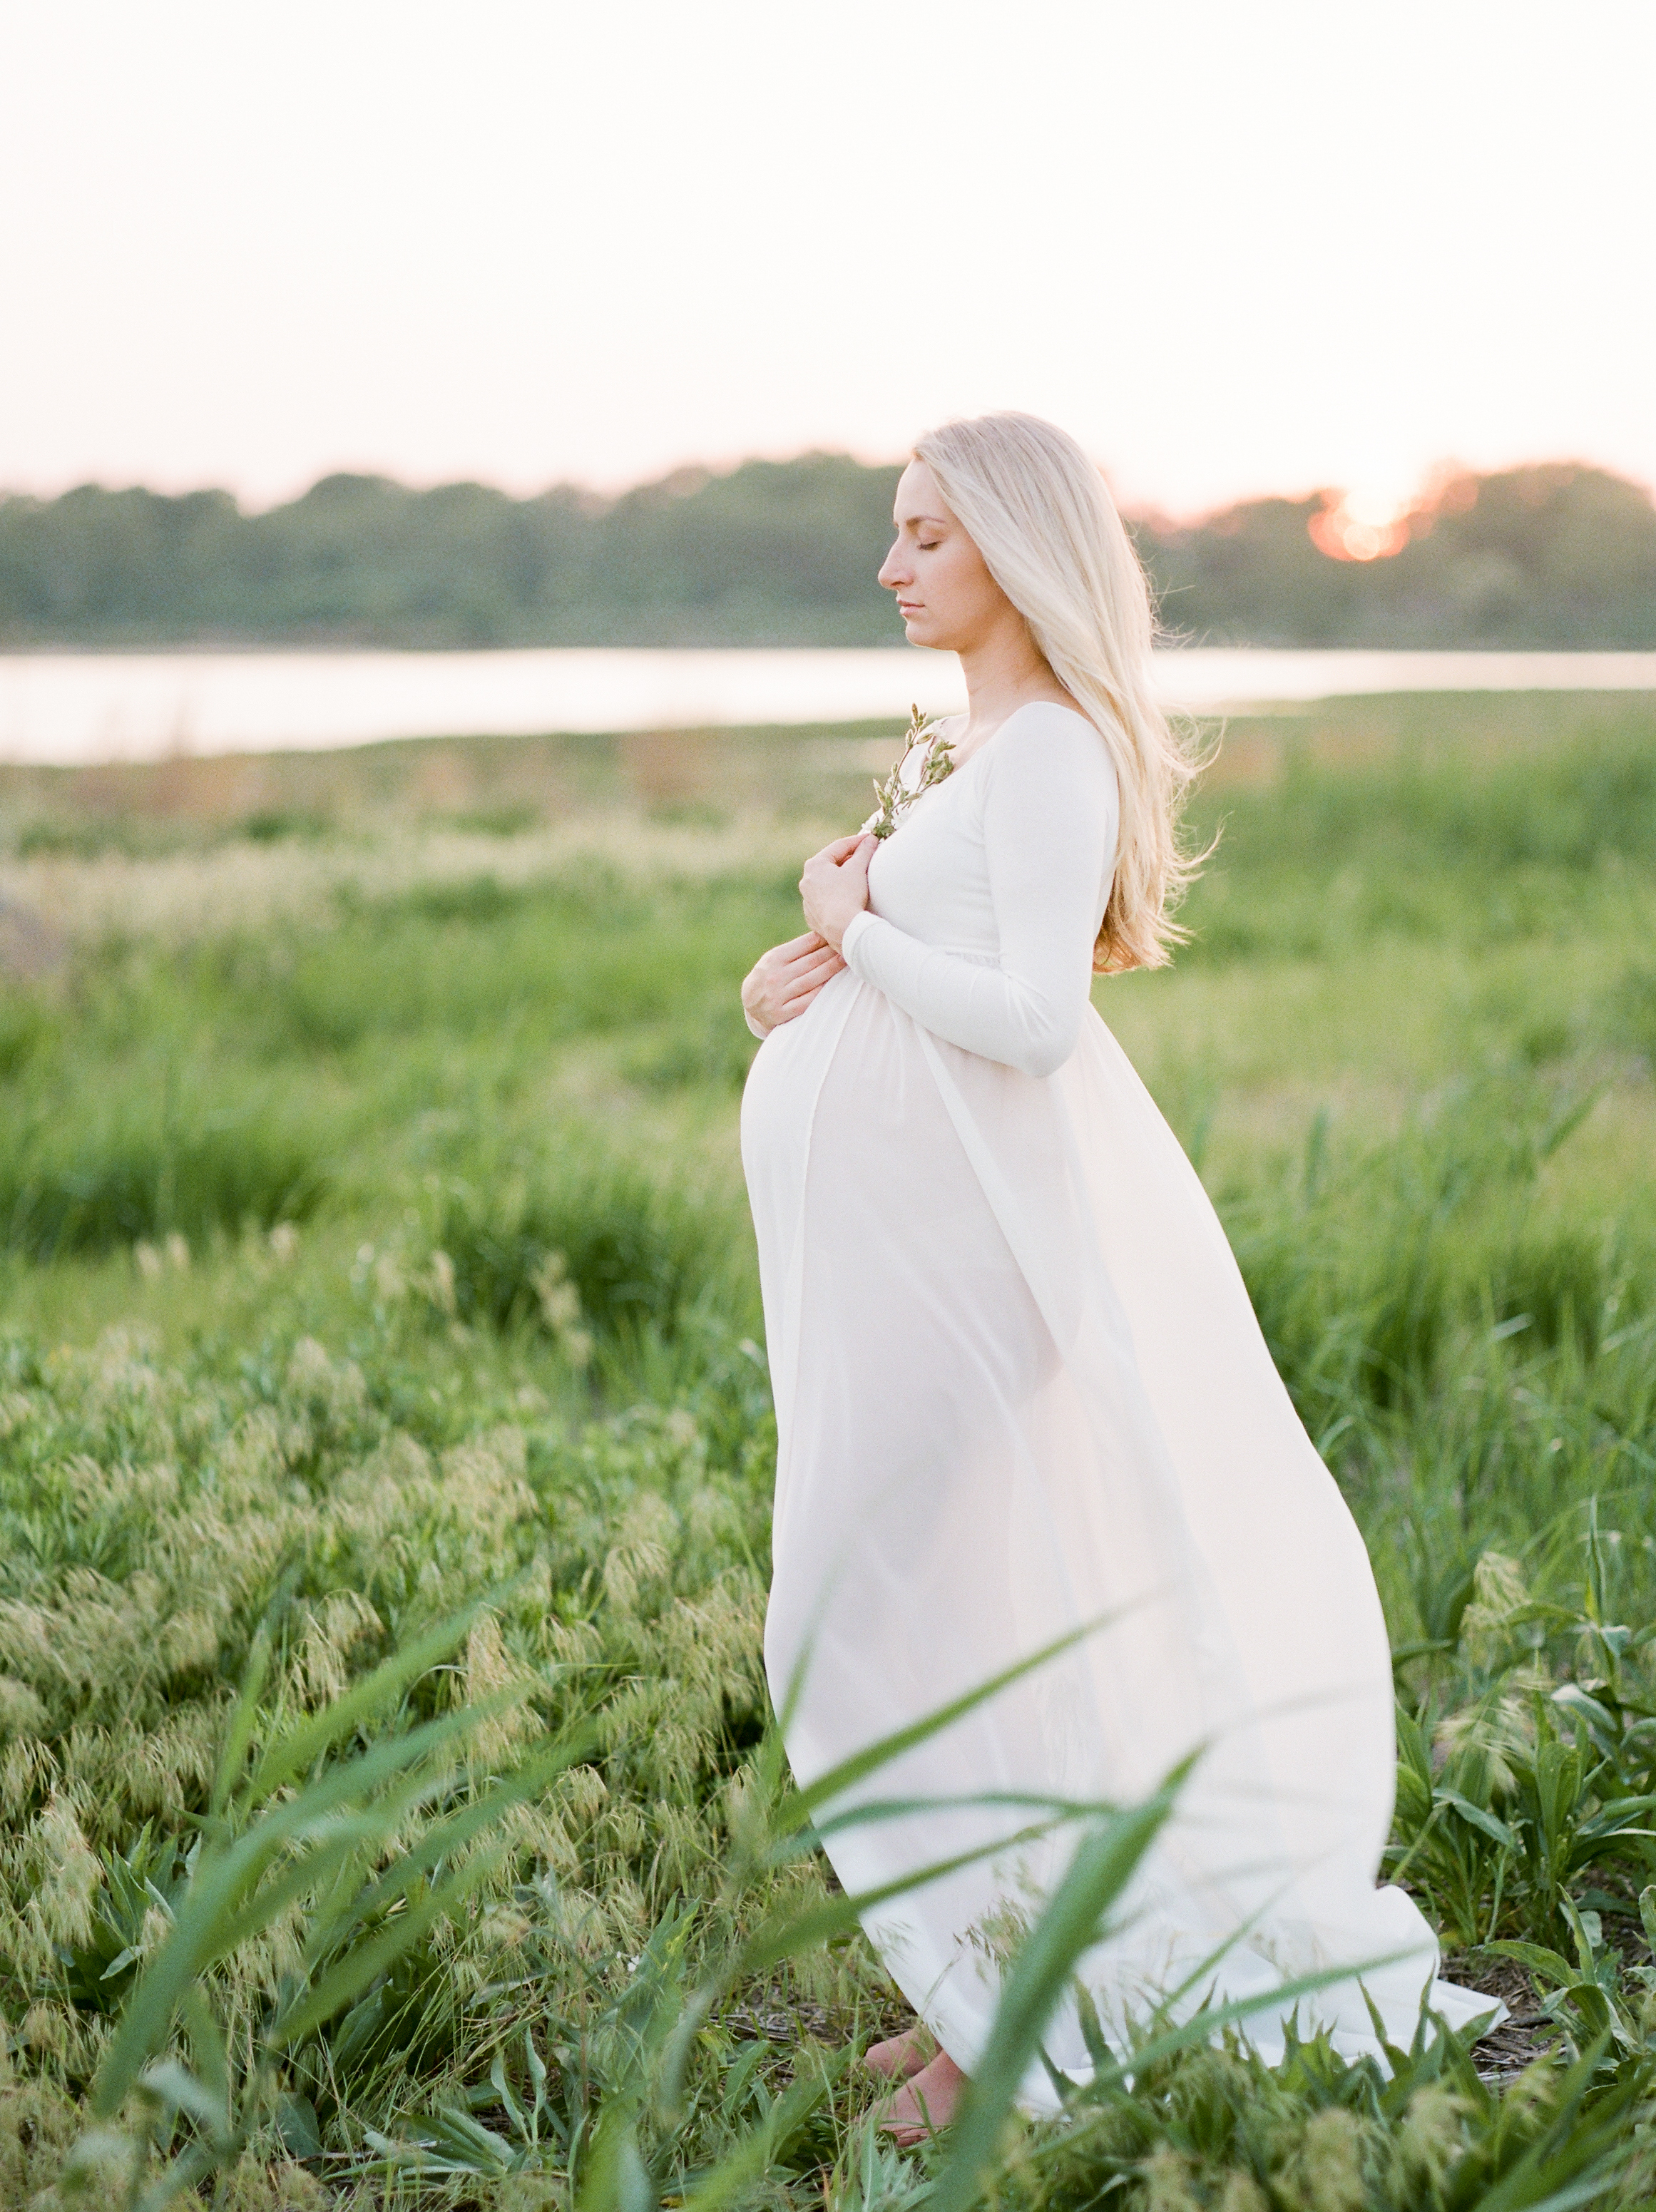 olya_vitulli_photography_martyna_maternity-1-59.jpg